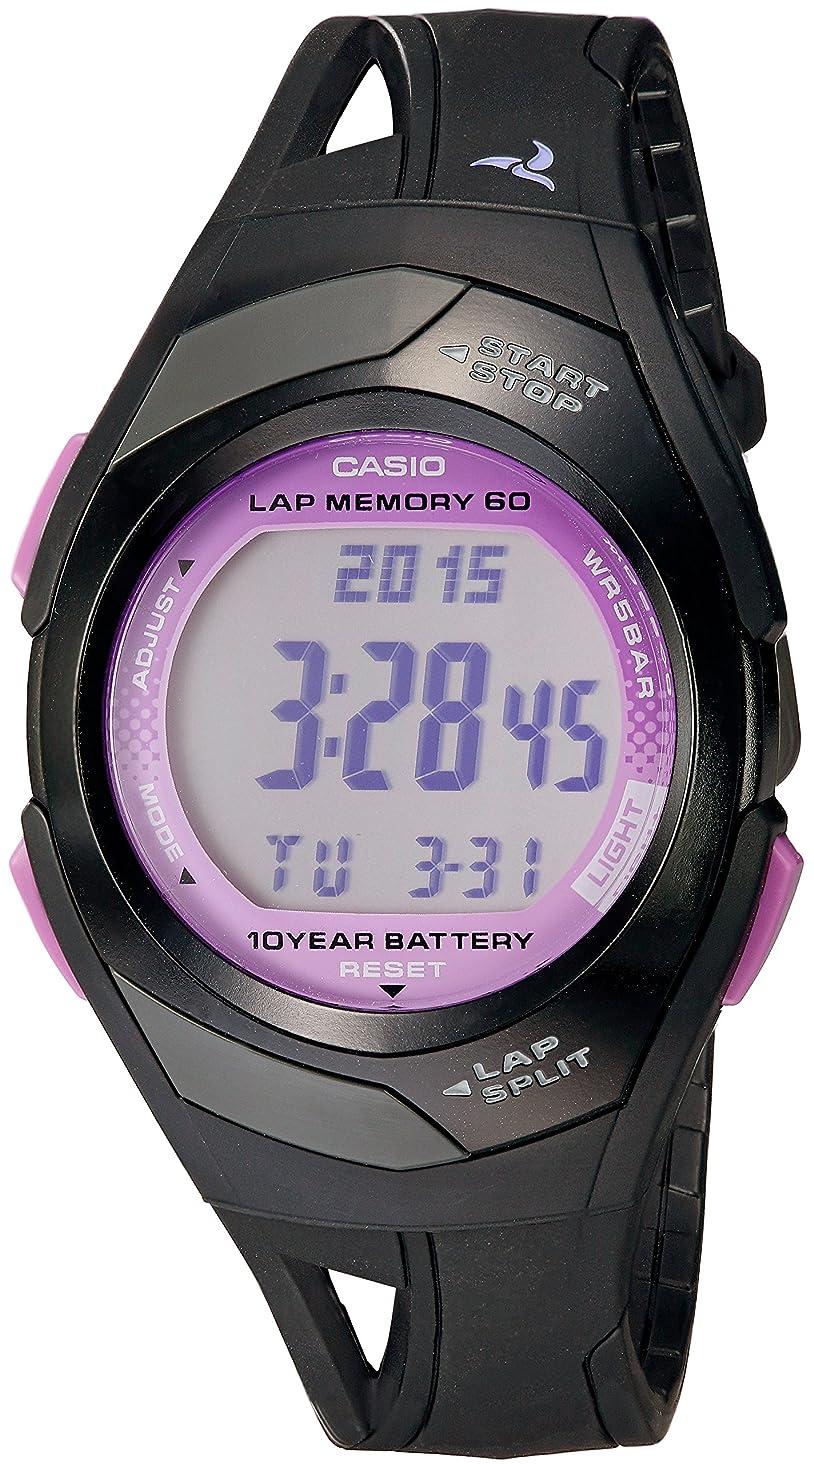 ハイブリッド優しいロッカー[カシオ]casio 腕時計 ランナーウォッチ LAP MEMORY60 STR300-1C 【並行輸入品】